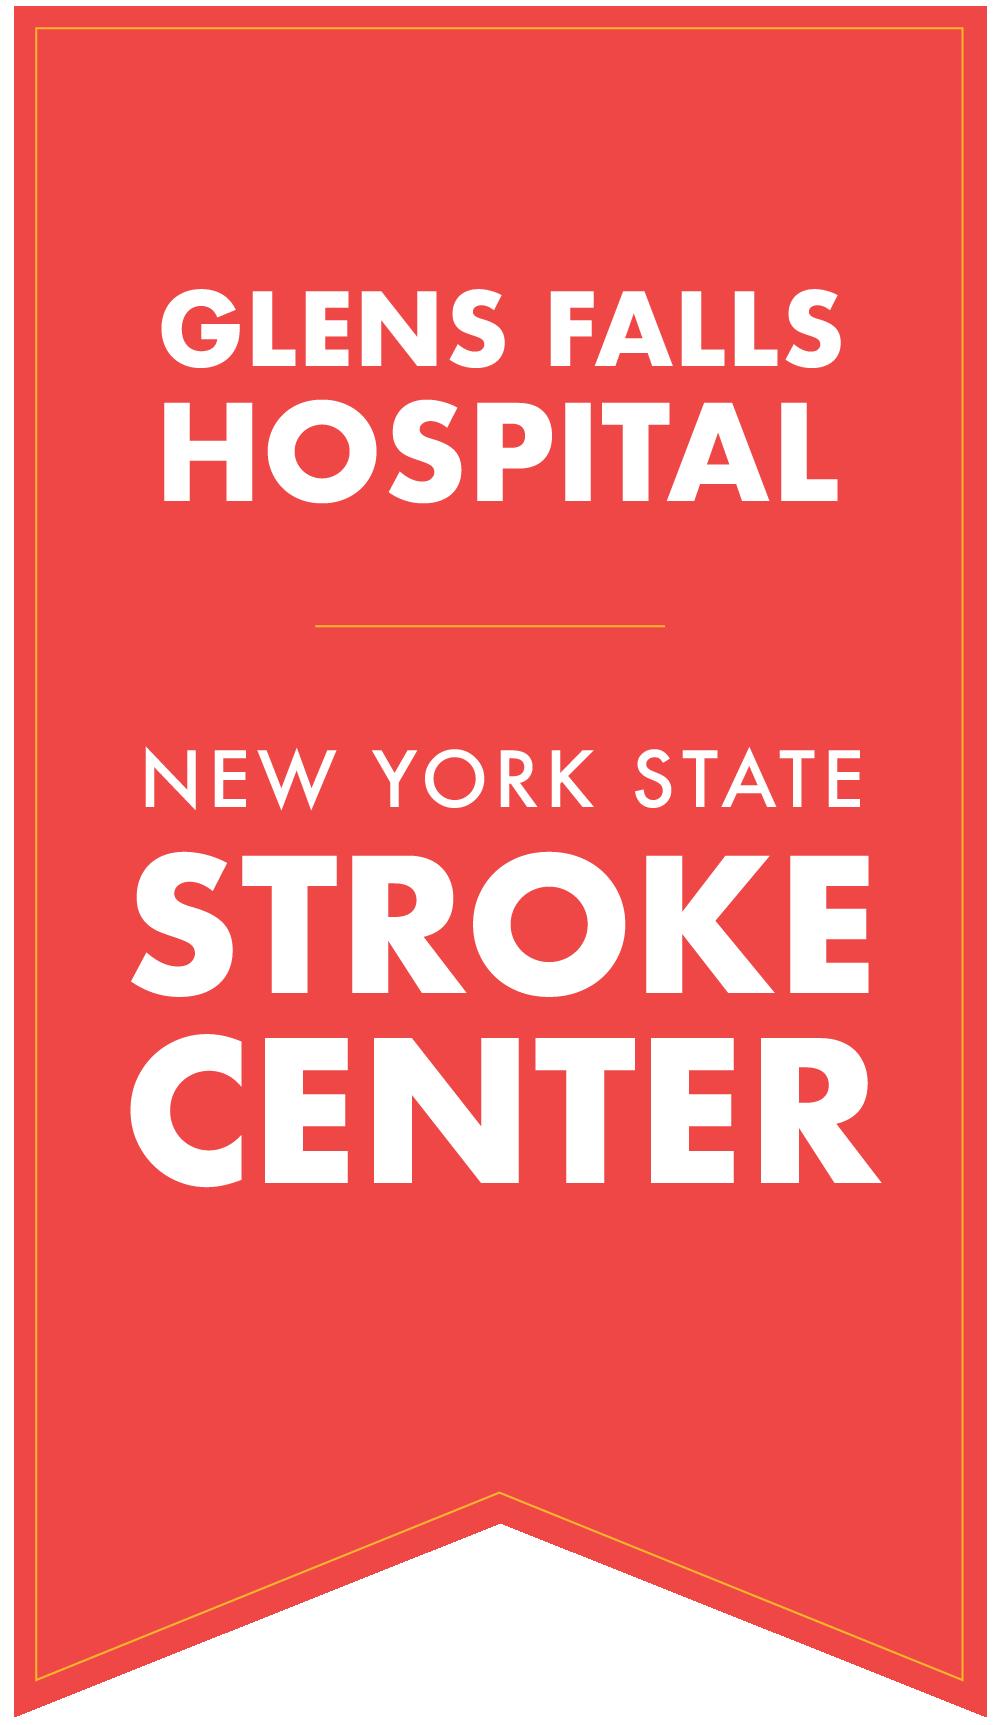 Glens Falls Hospital - New York State Stroke Center